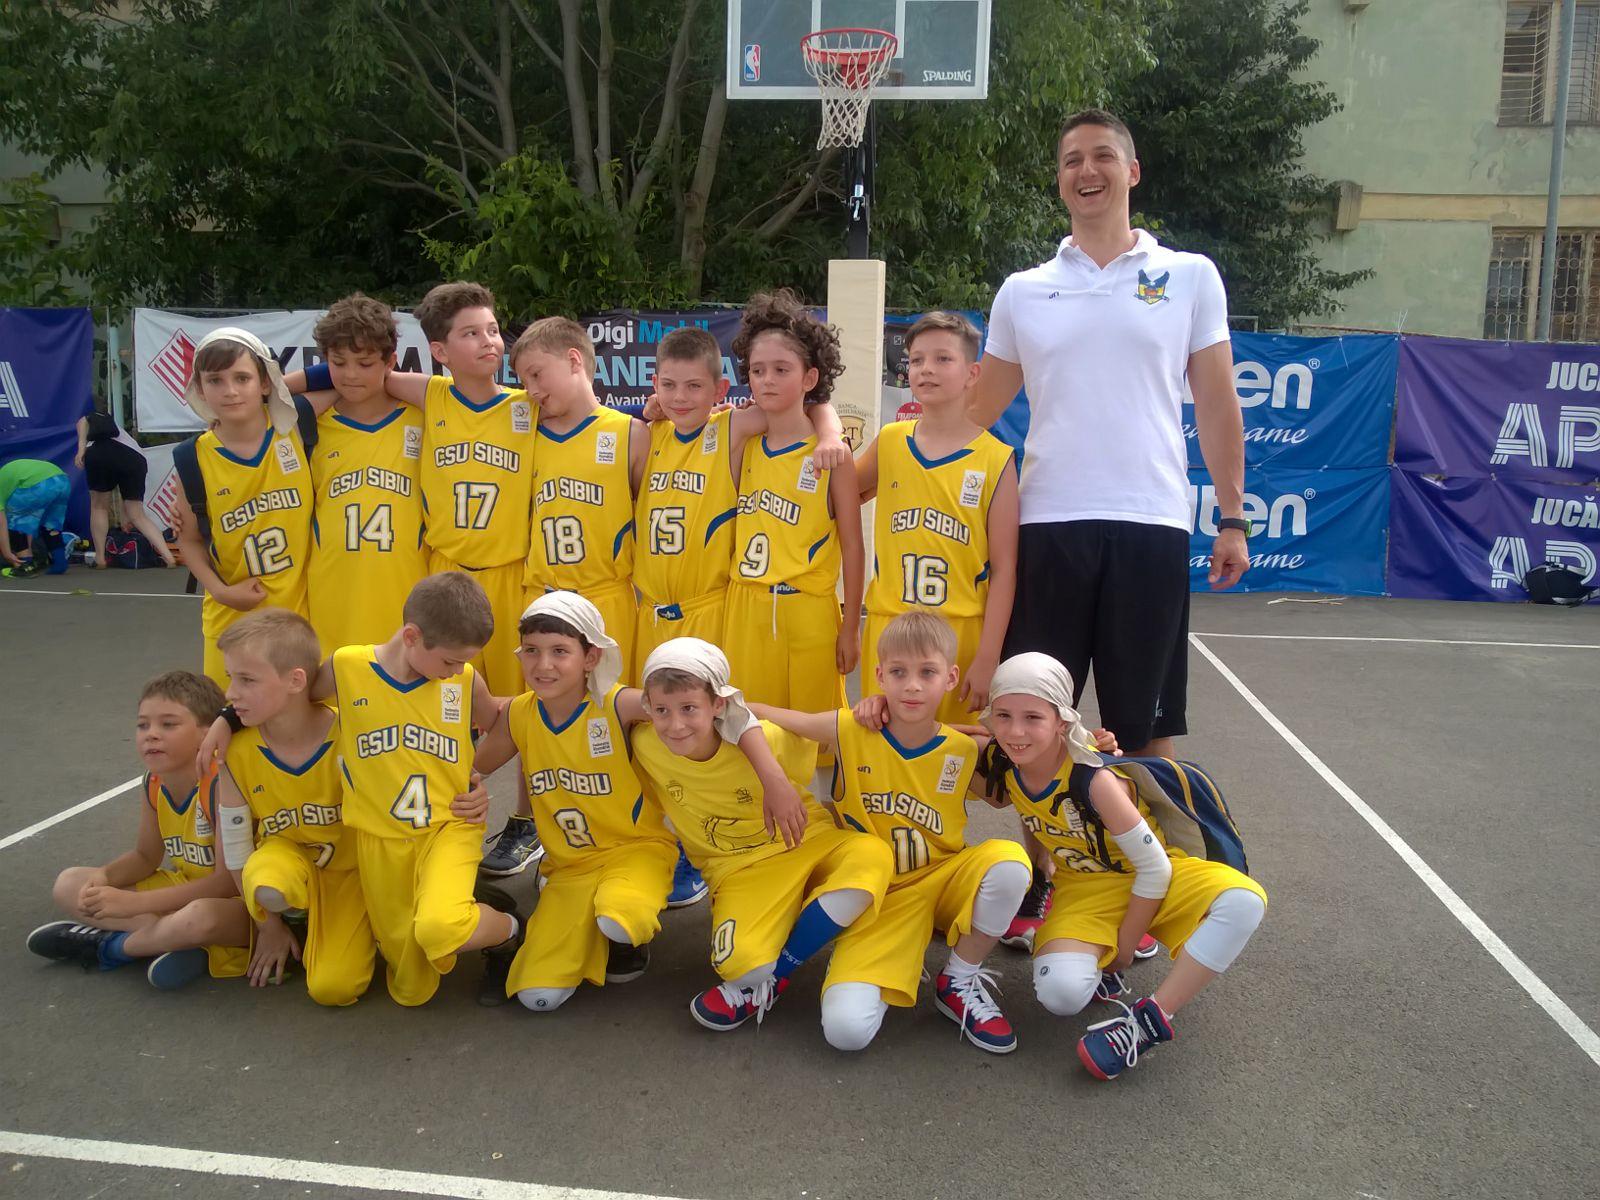 Alexandru Rubint- antrenor juniori BC CSU Sibiu: Rolul antrenorului este și de a modela viitorii adulți